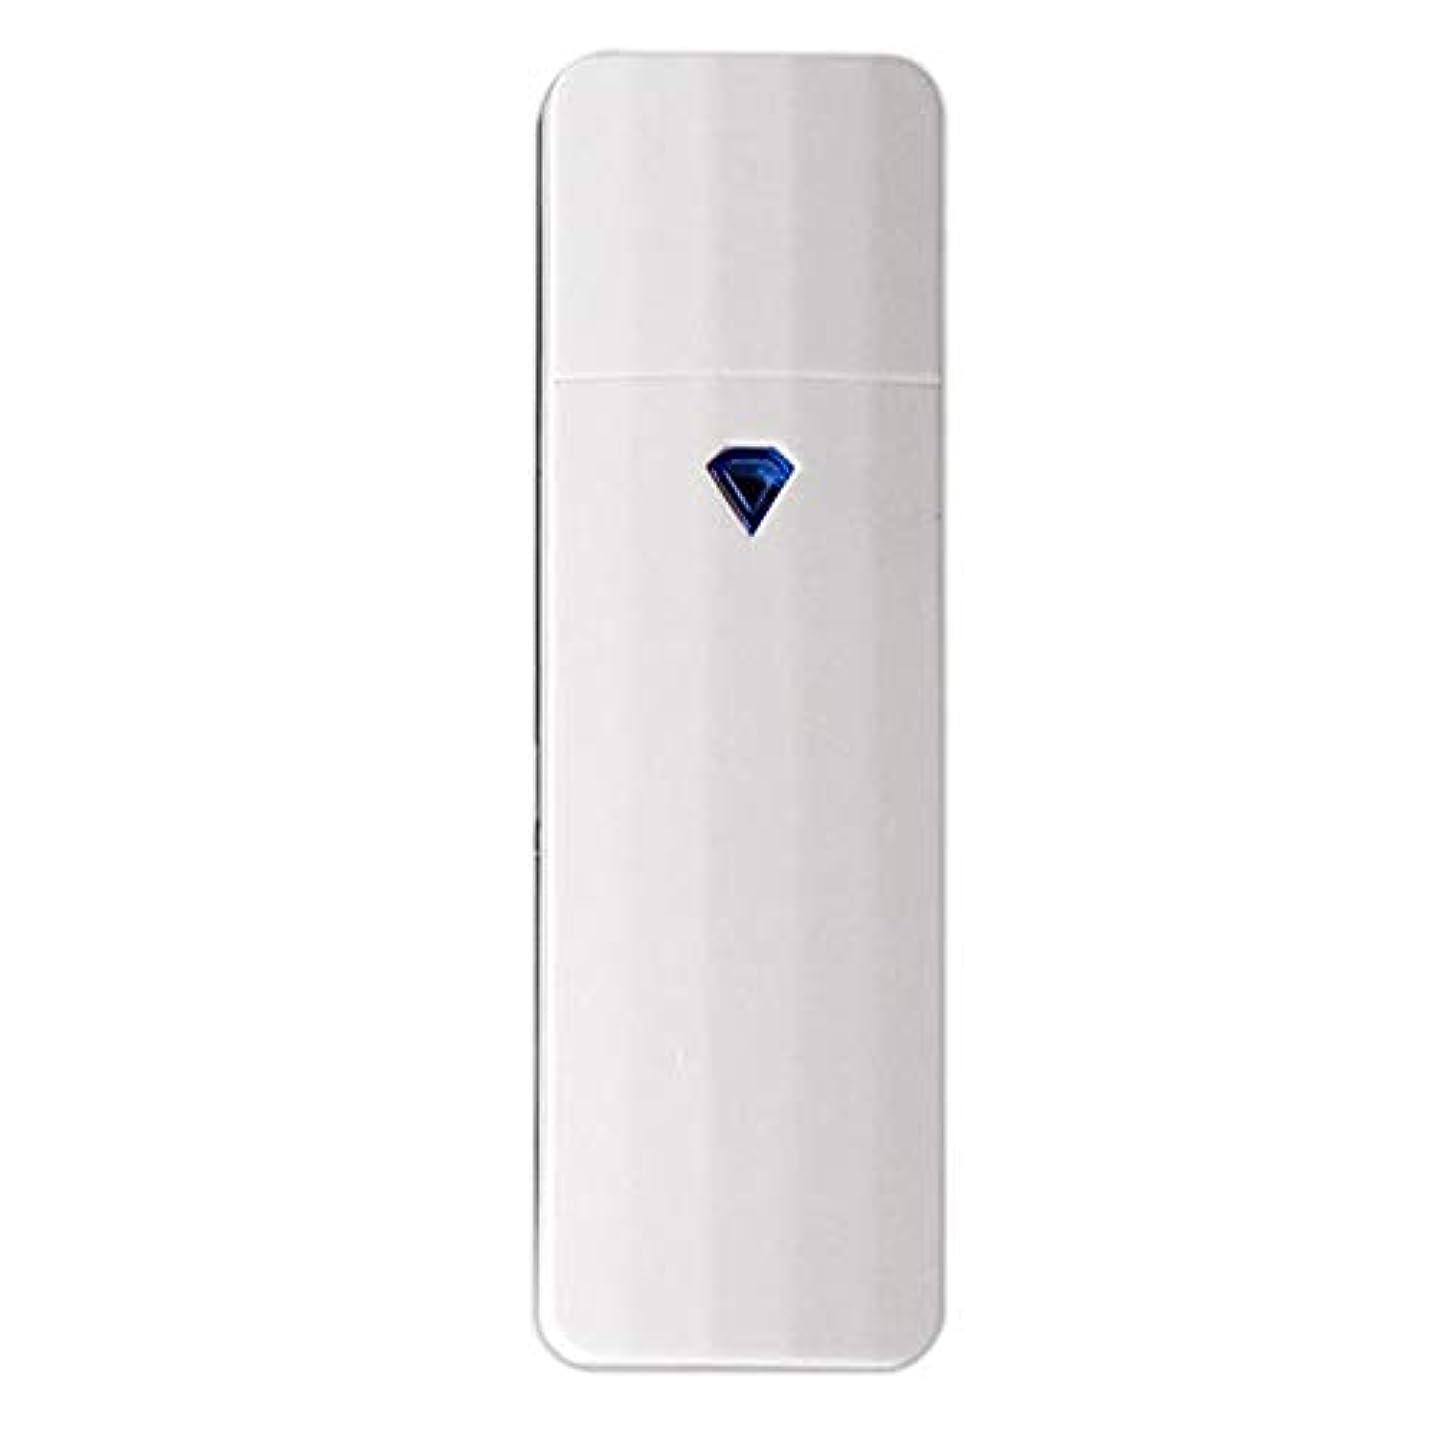 キリスト教チャーム調停するSODIAL 携帯用ナノ?スプレー、噴霧、便利なフェイシャル?スチーマー、噴霧器、Usb充電式面部保湿水和スプレー装置、美容器具(白色)